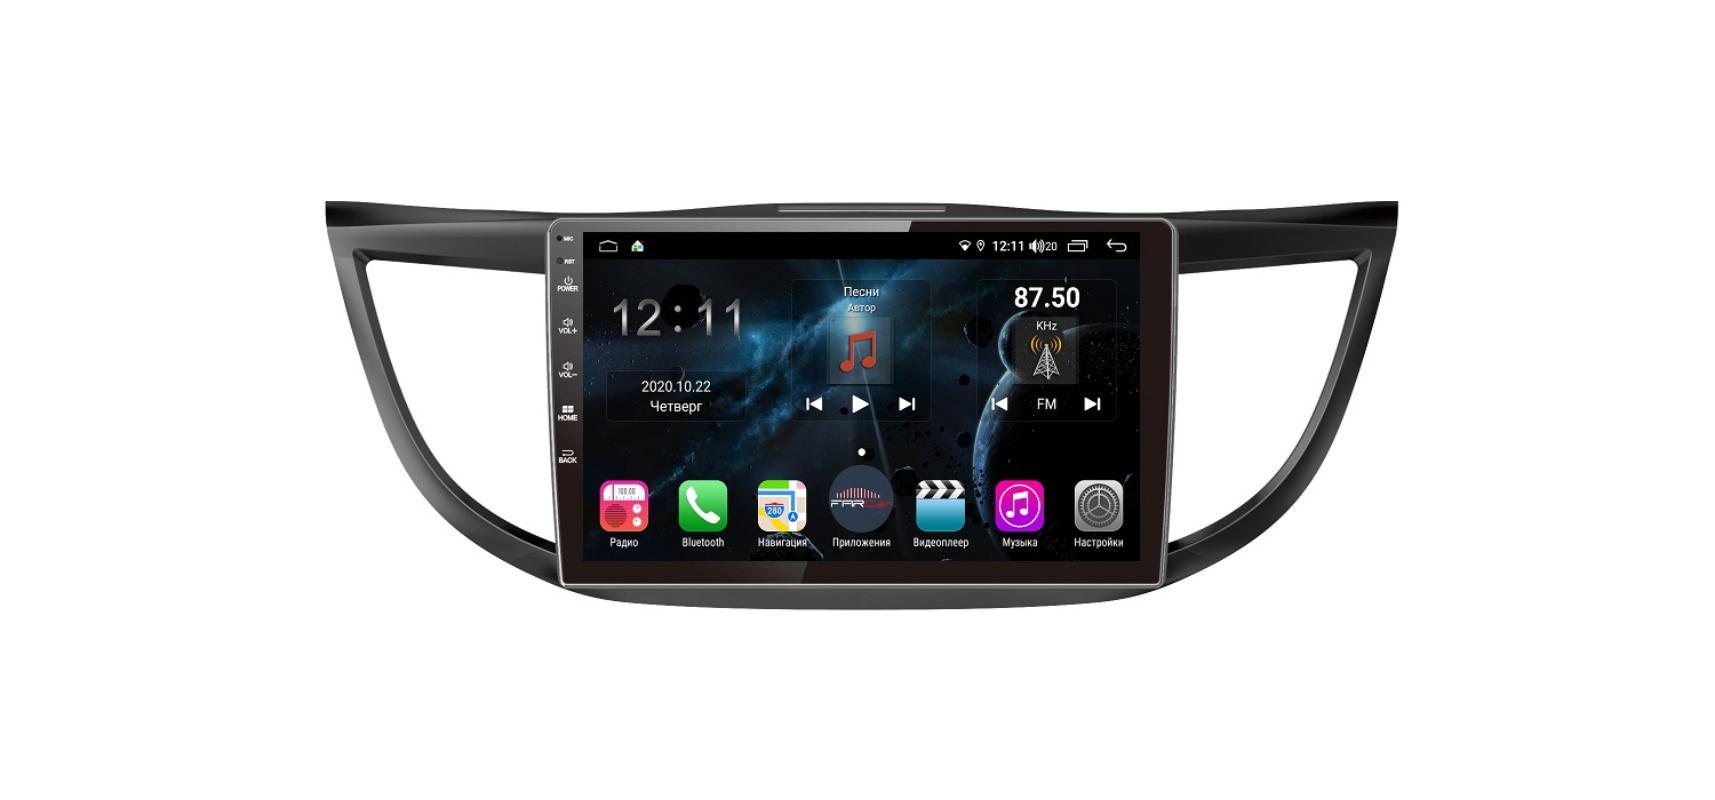 Штатная магнитола FarCar s400 для Honda CR-V на Android (H469R) (+ Камера заднего вида в подарок!)